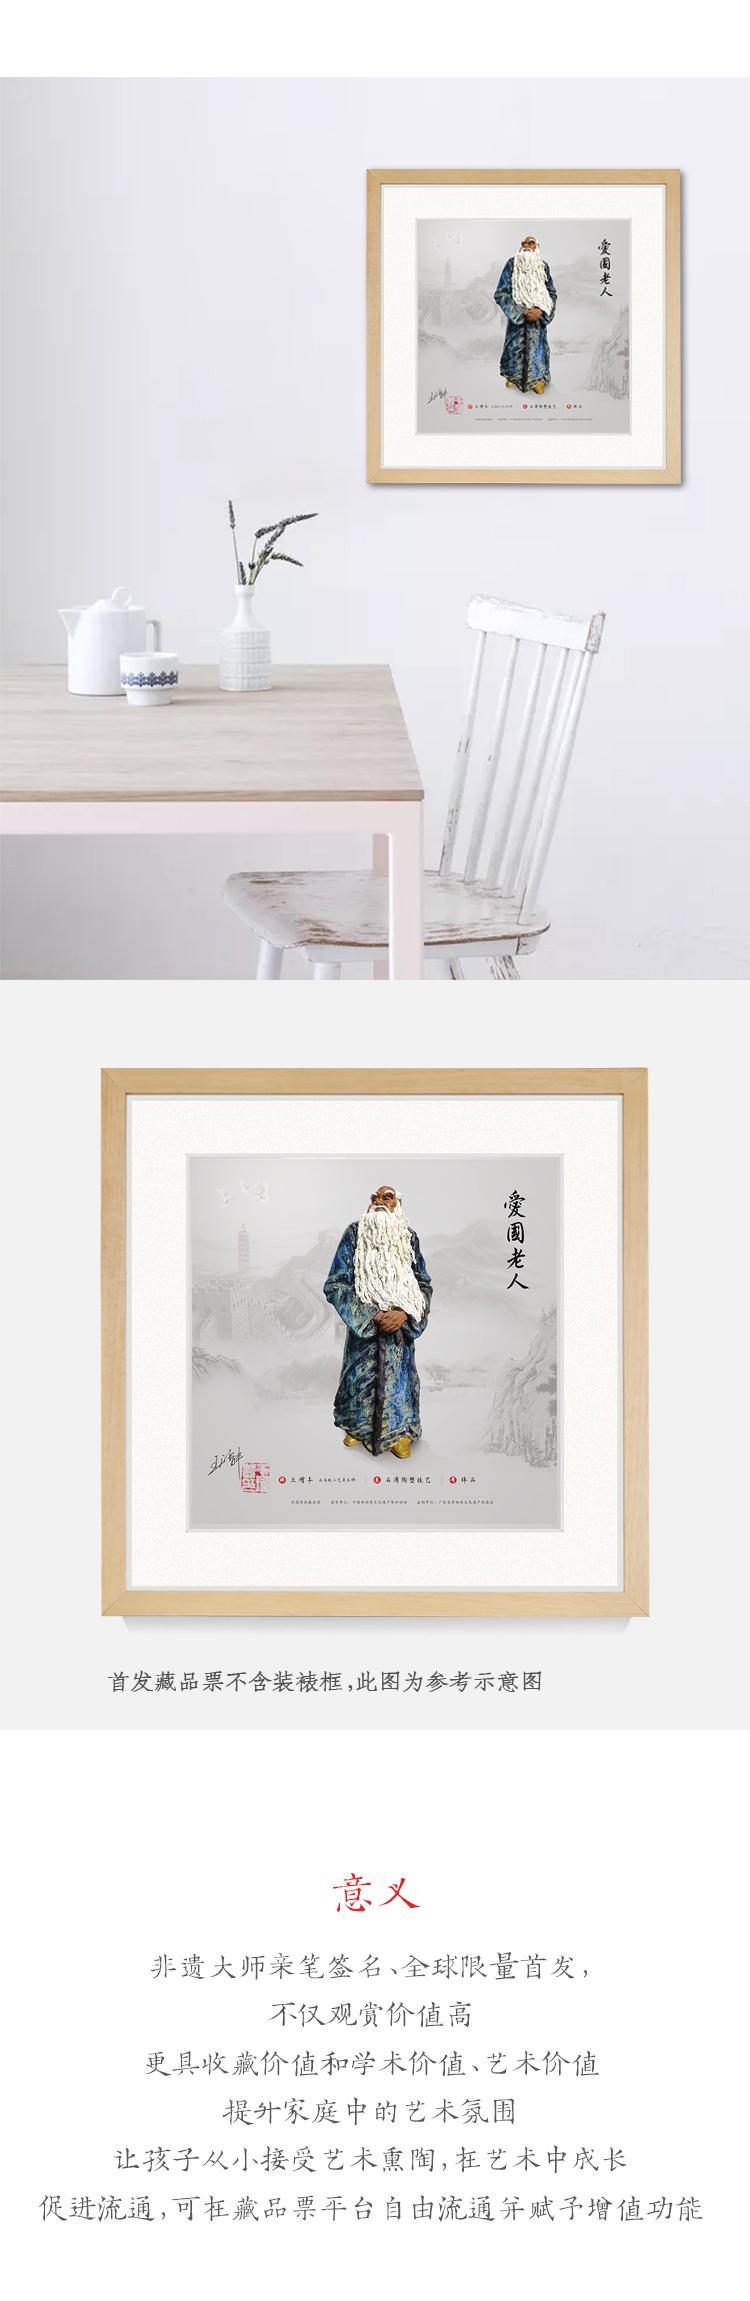 王增丰-爱国老人_06.jpg